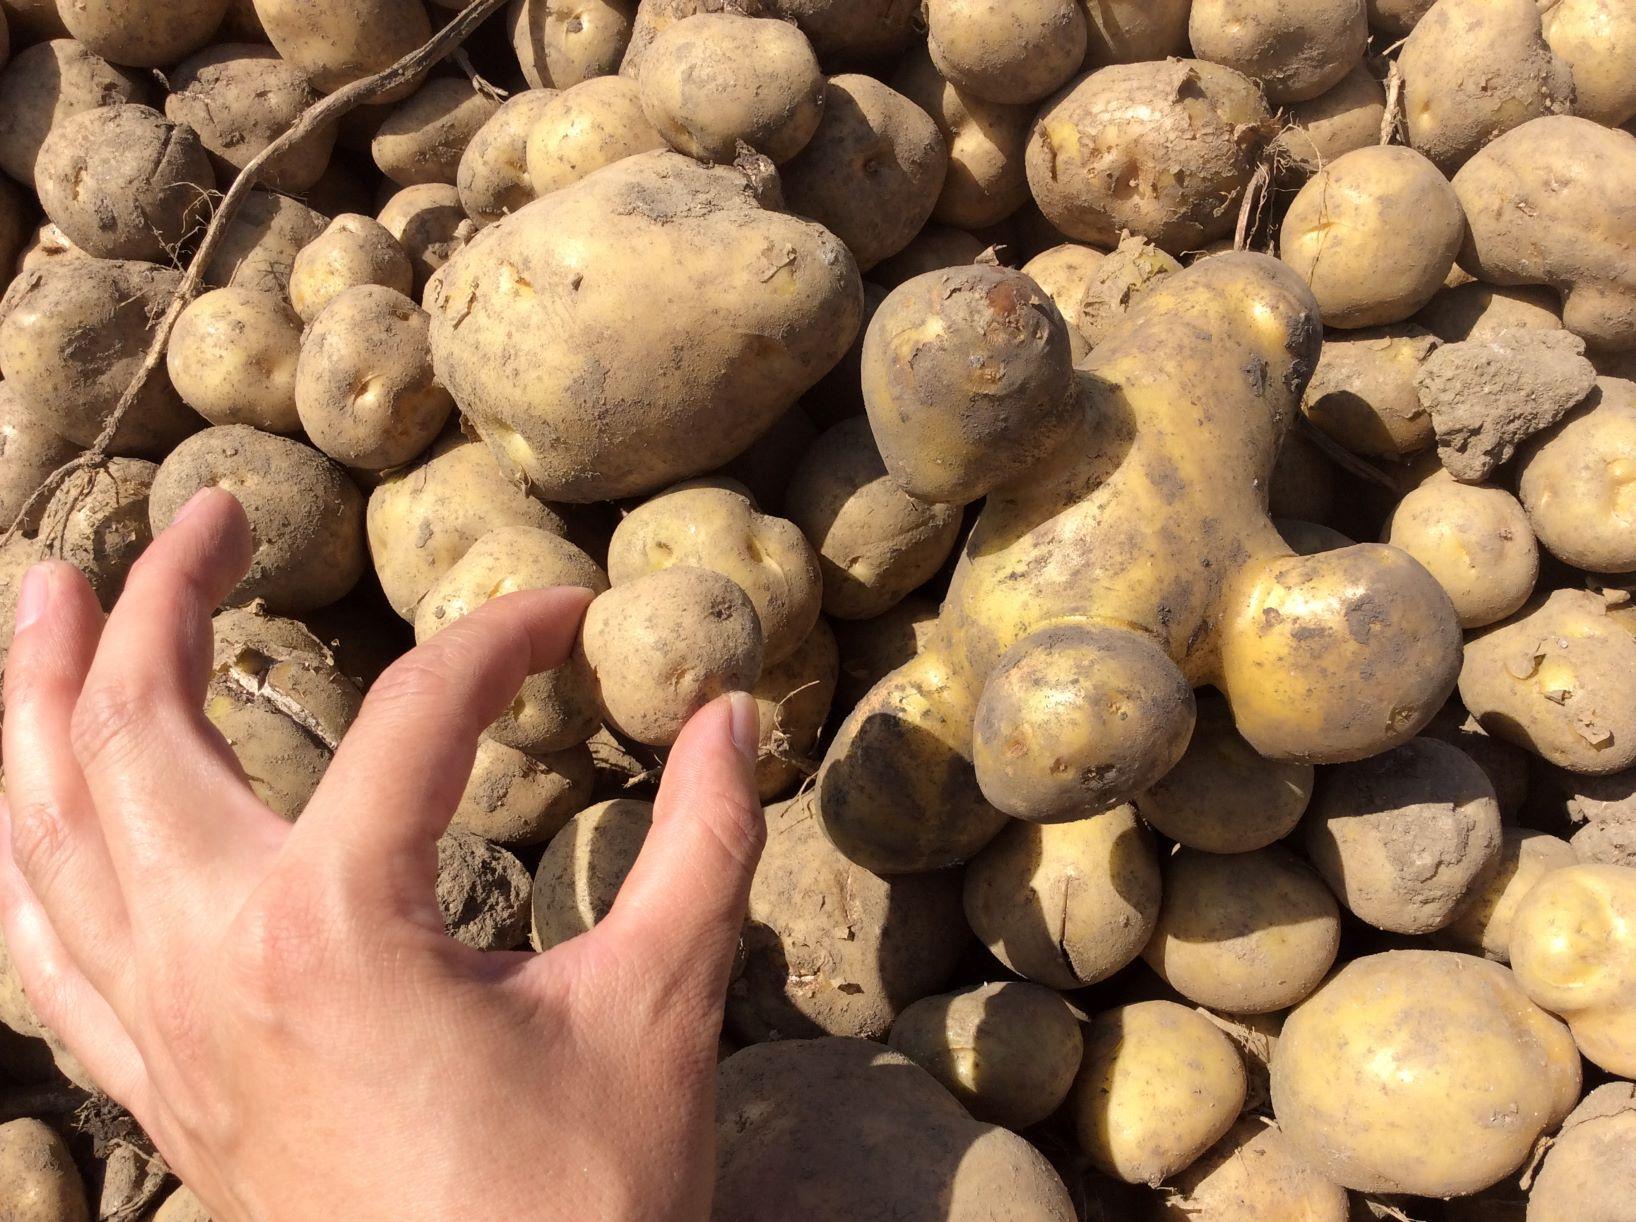 【ライブ配信】オンライン収穫体験🎶〜十勝のメークイン10kgお届け!